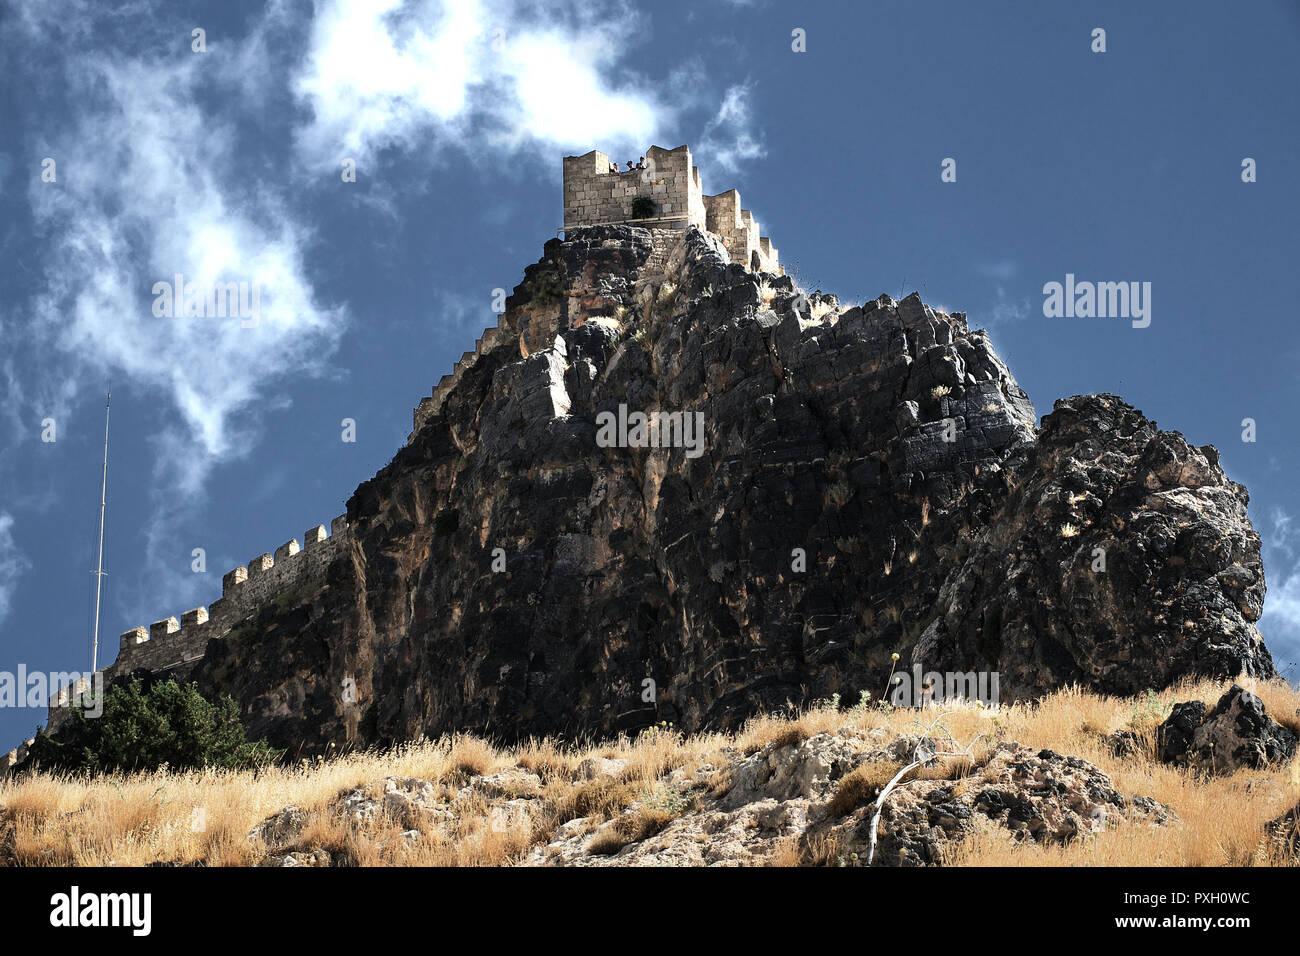 Burg auf Felsen in Griechenland, Greek, Rhodos - Stock Image